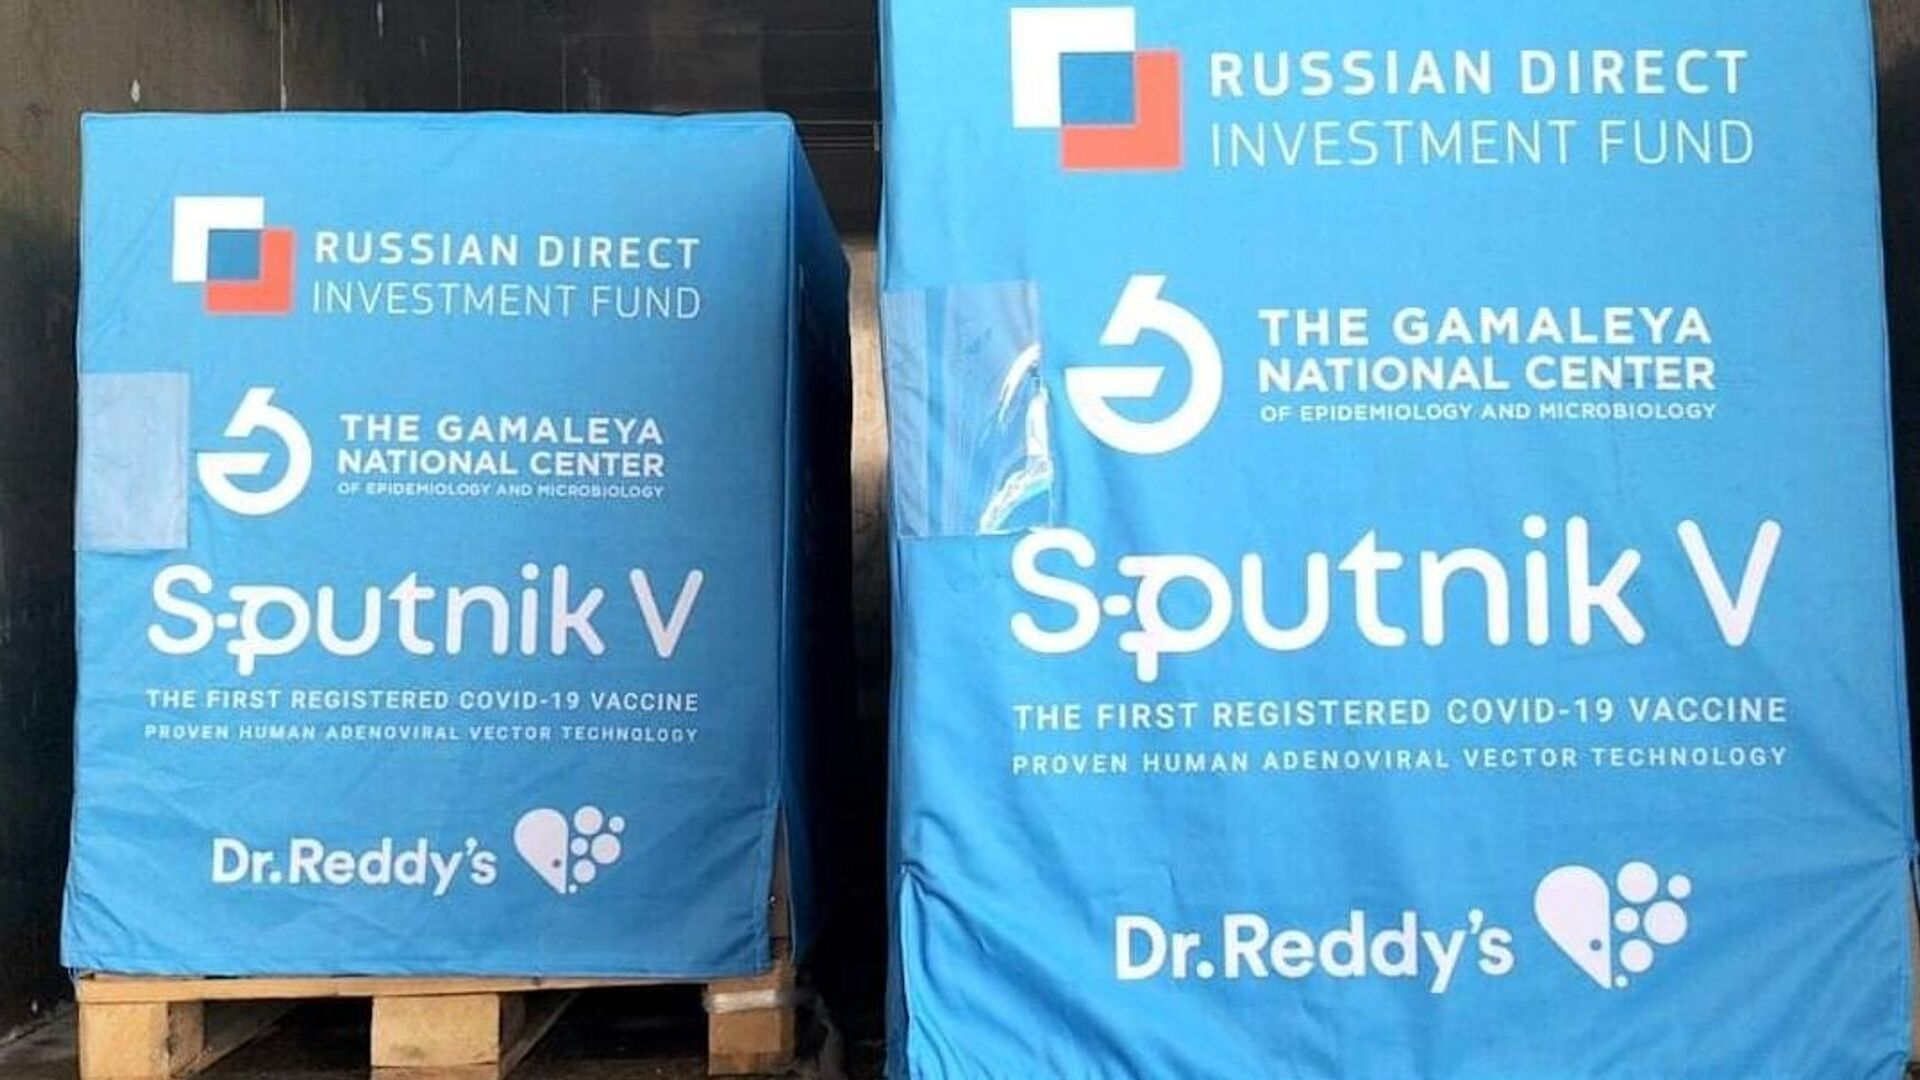 Hindistan Rusya koronavirüs aşısı Sputnik - Sputnik Türkiye, 1920, 29.07.2021